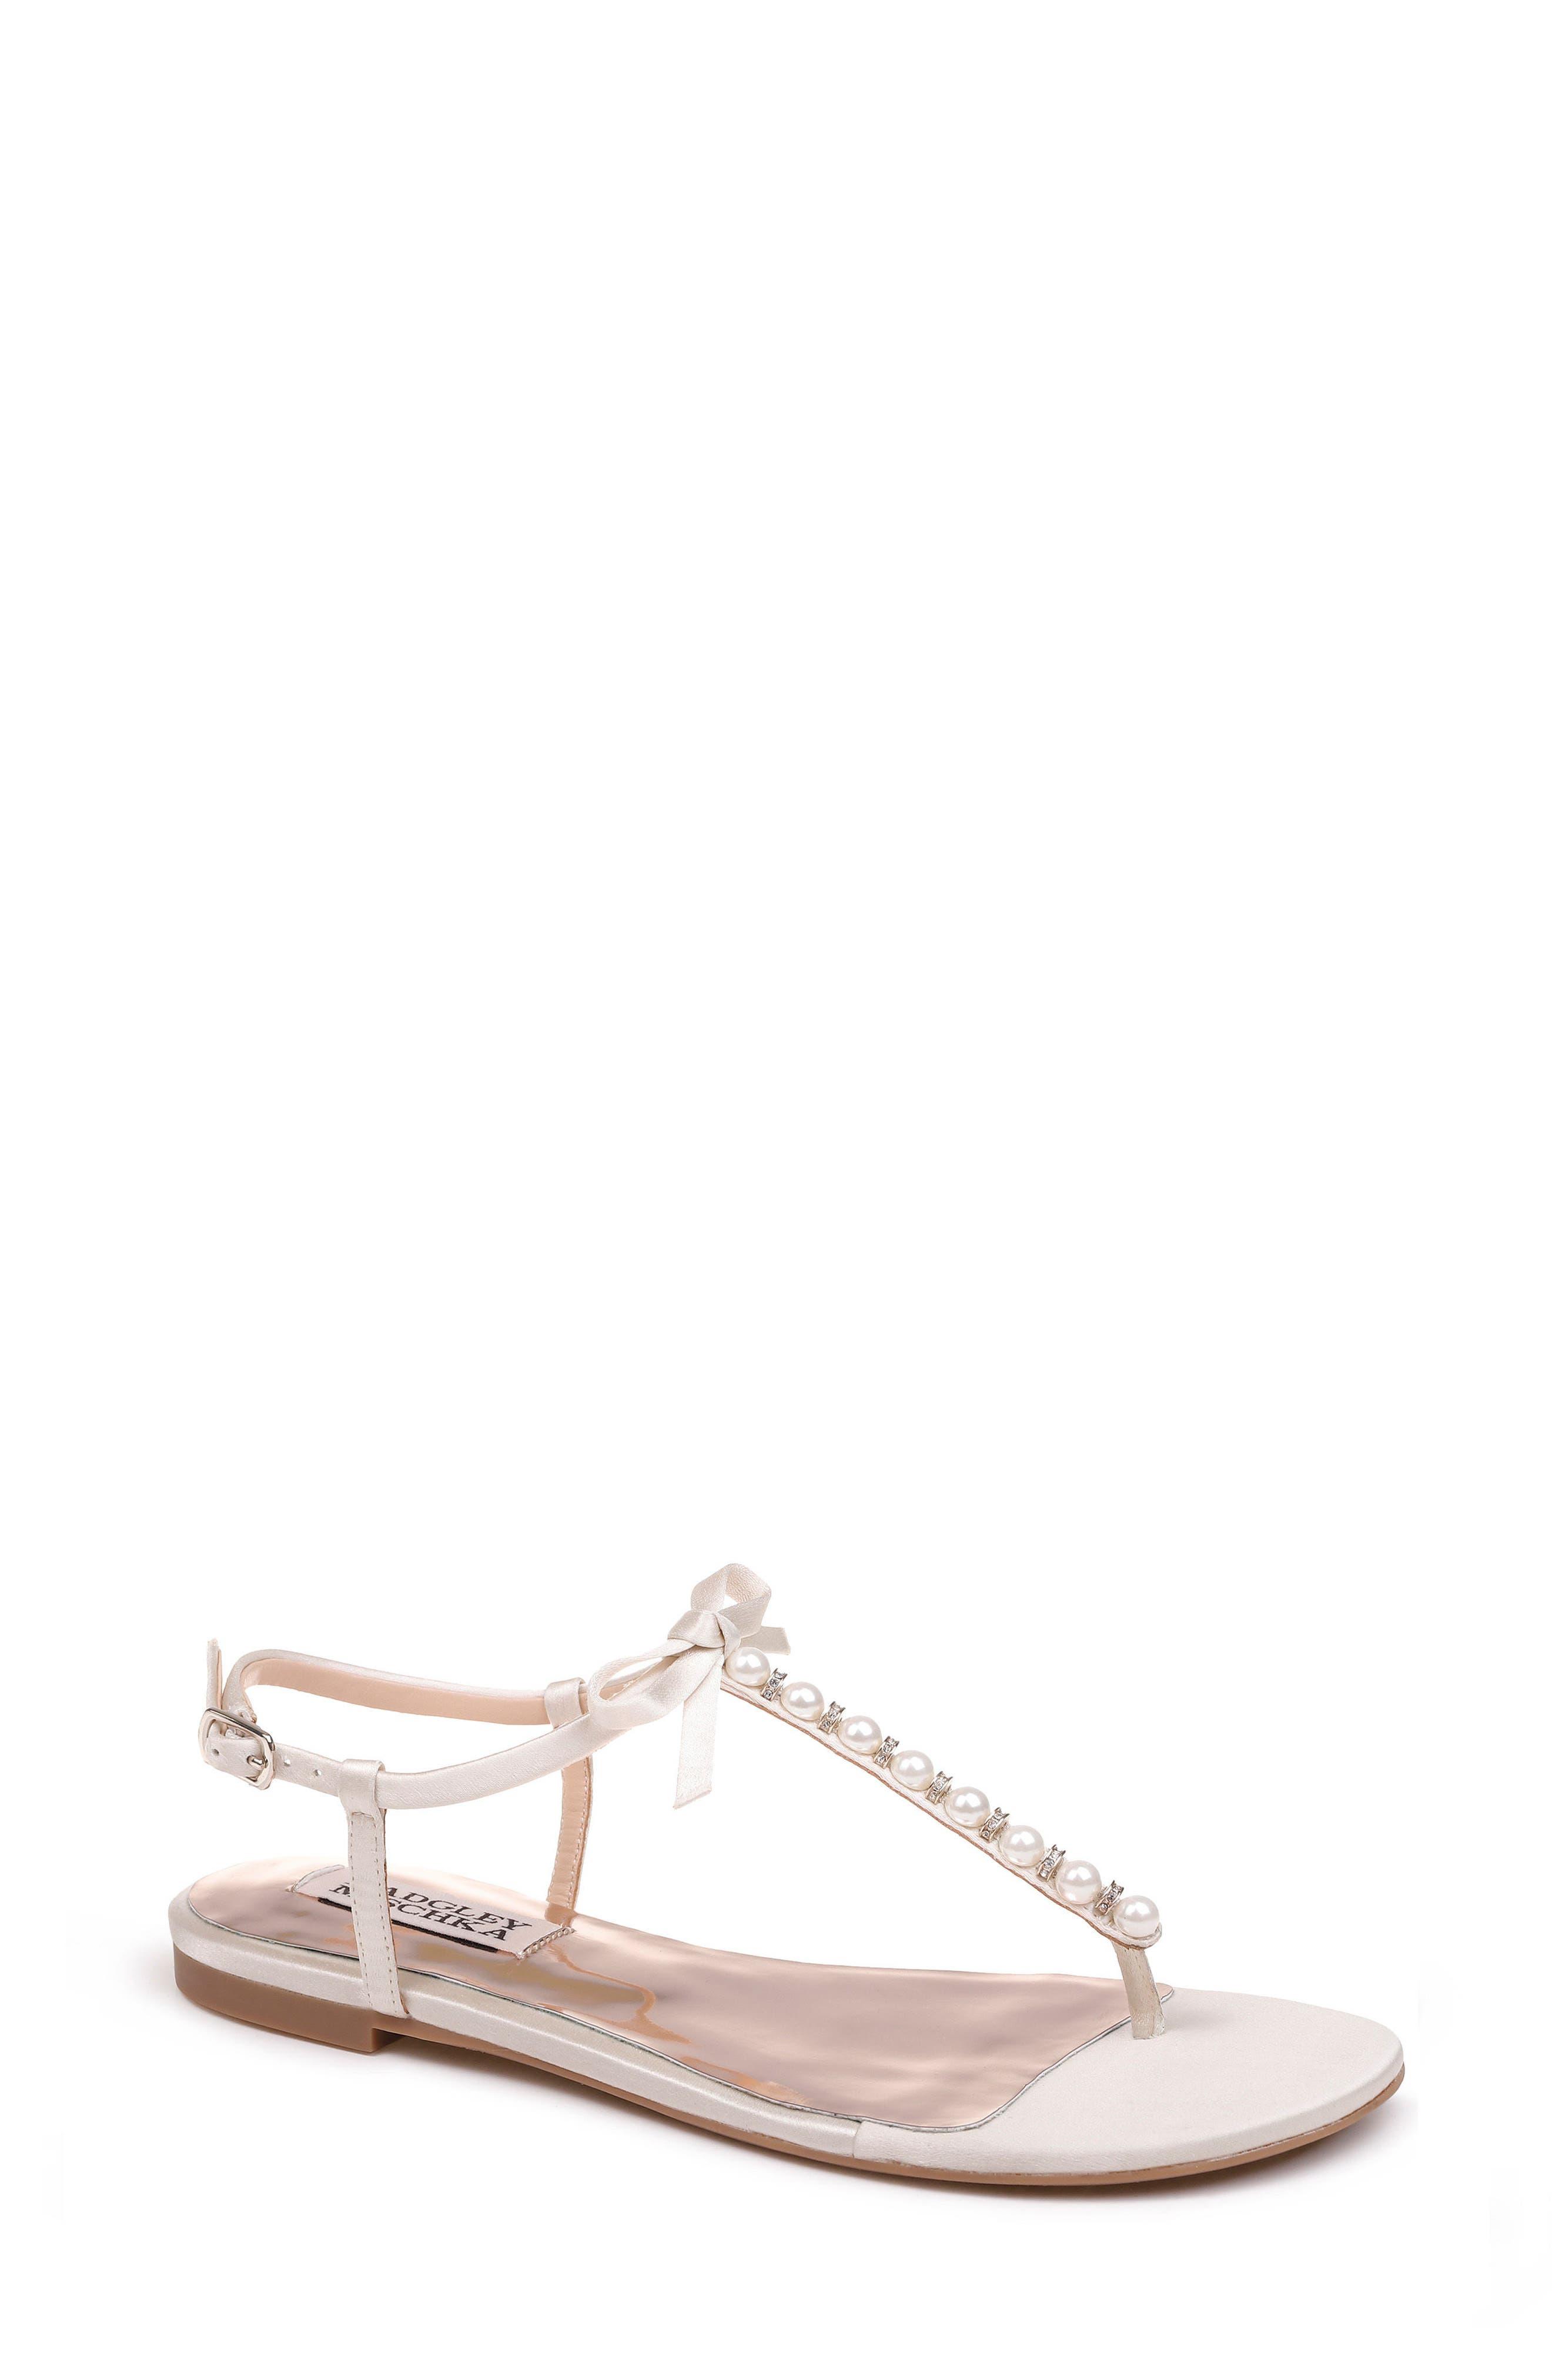 Honey Embellished Sandal,                         Main,                         color, Ivory Satin